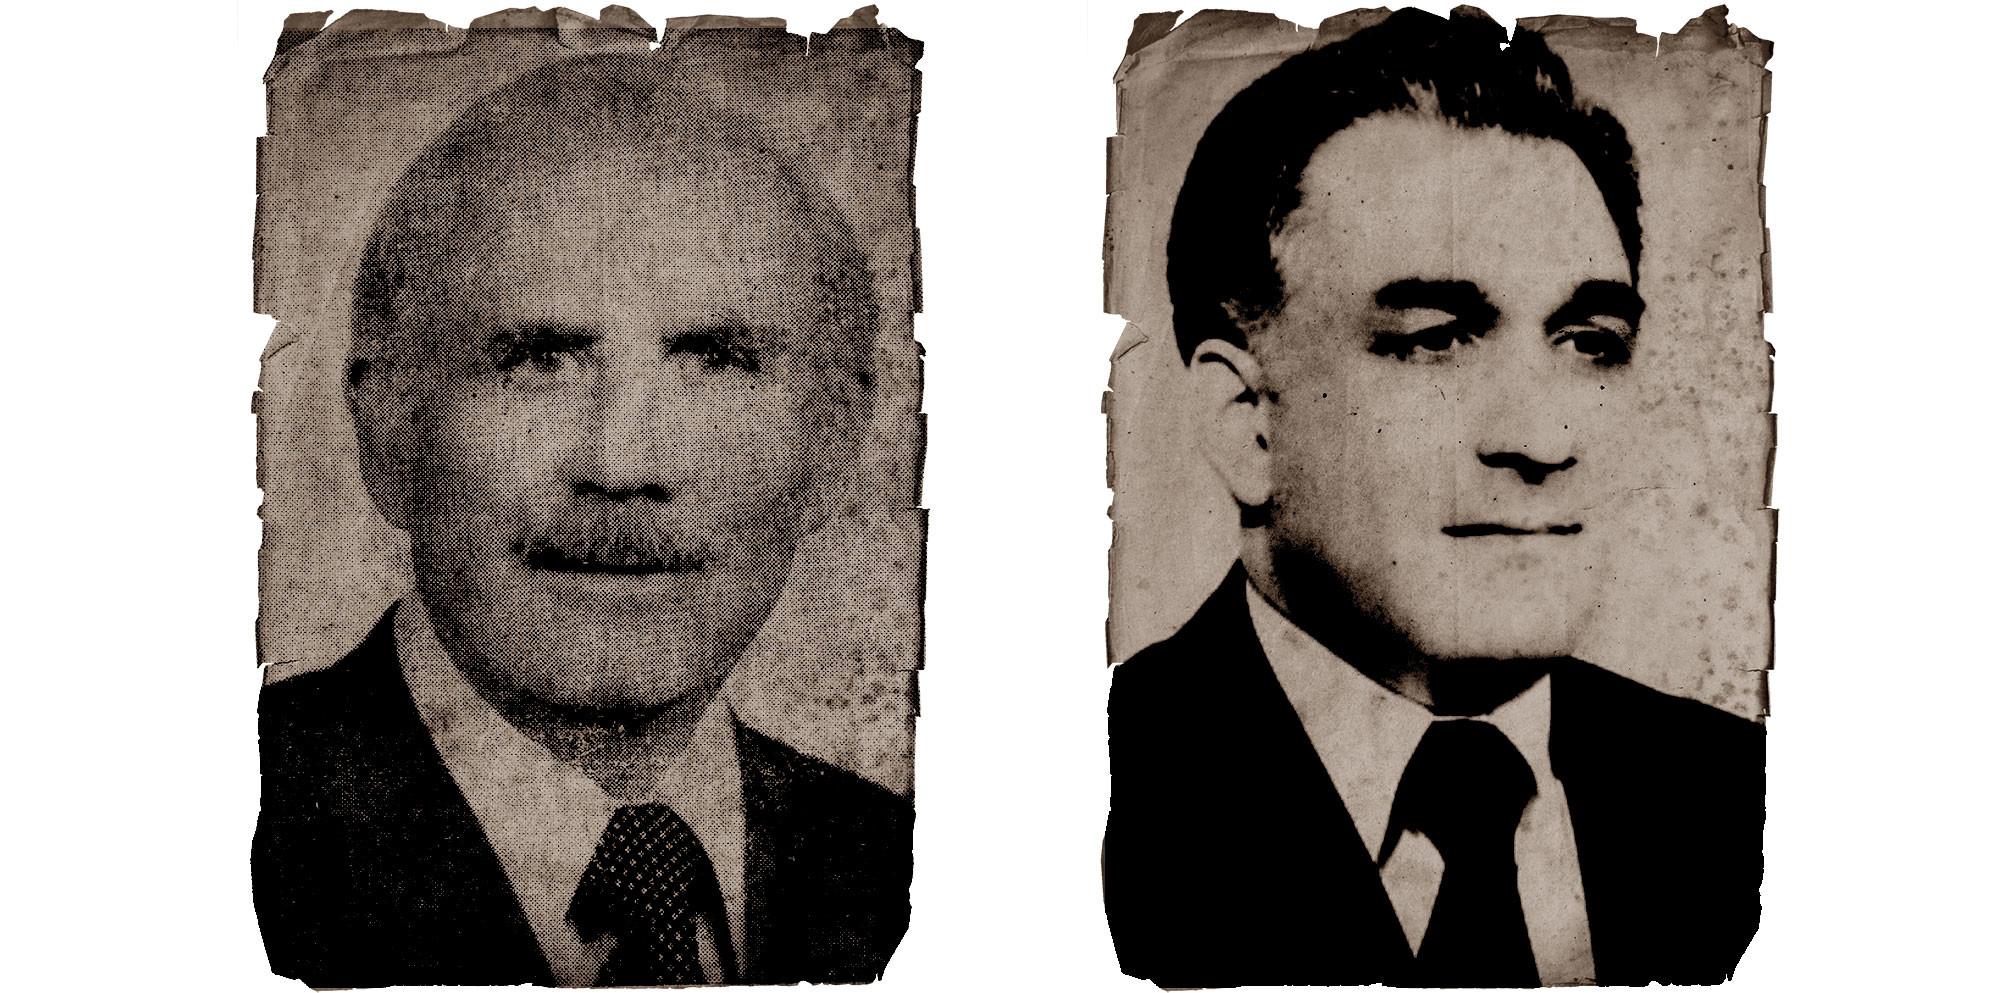 Слева направо: Нур Мухаммада Тараки и Амин Хафизулла. Фото: © Wikipedia.org Creative Commons